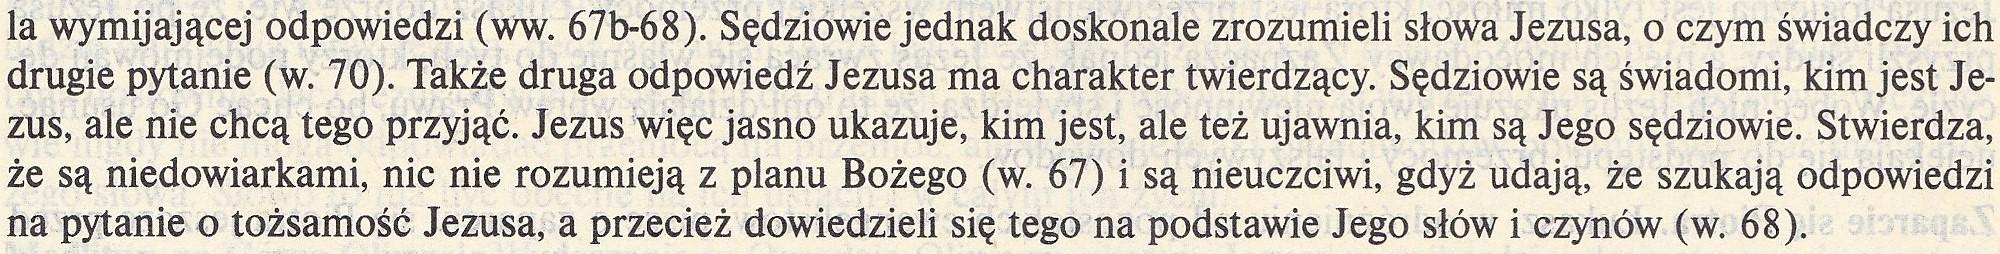 Edycja św. Pawła